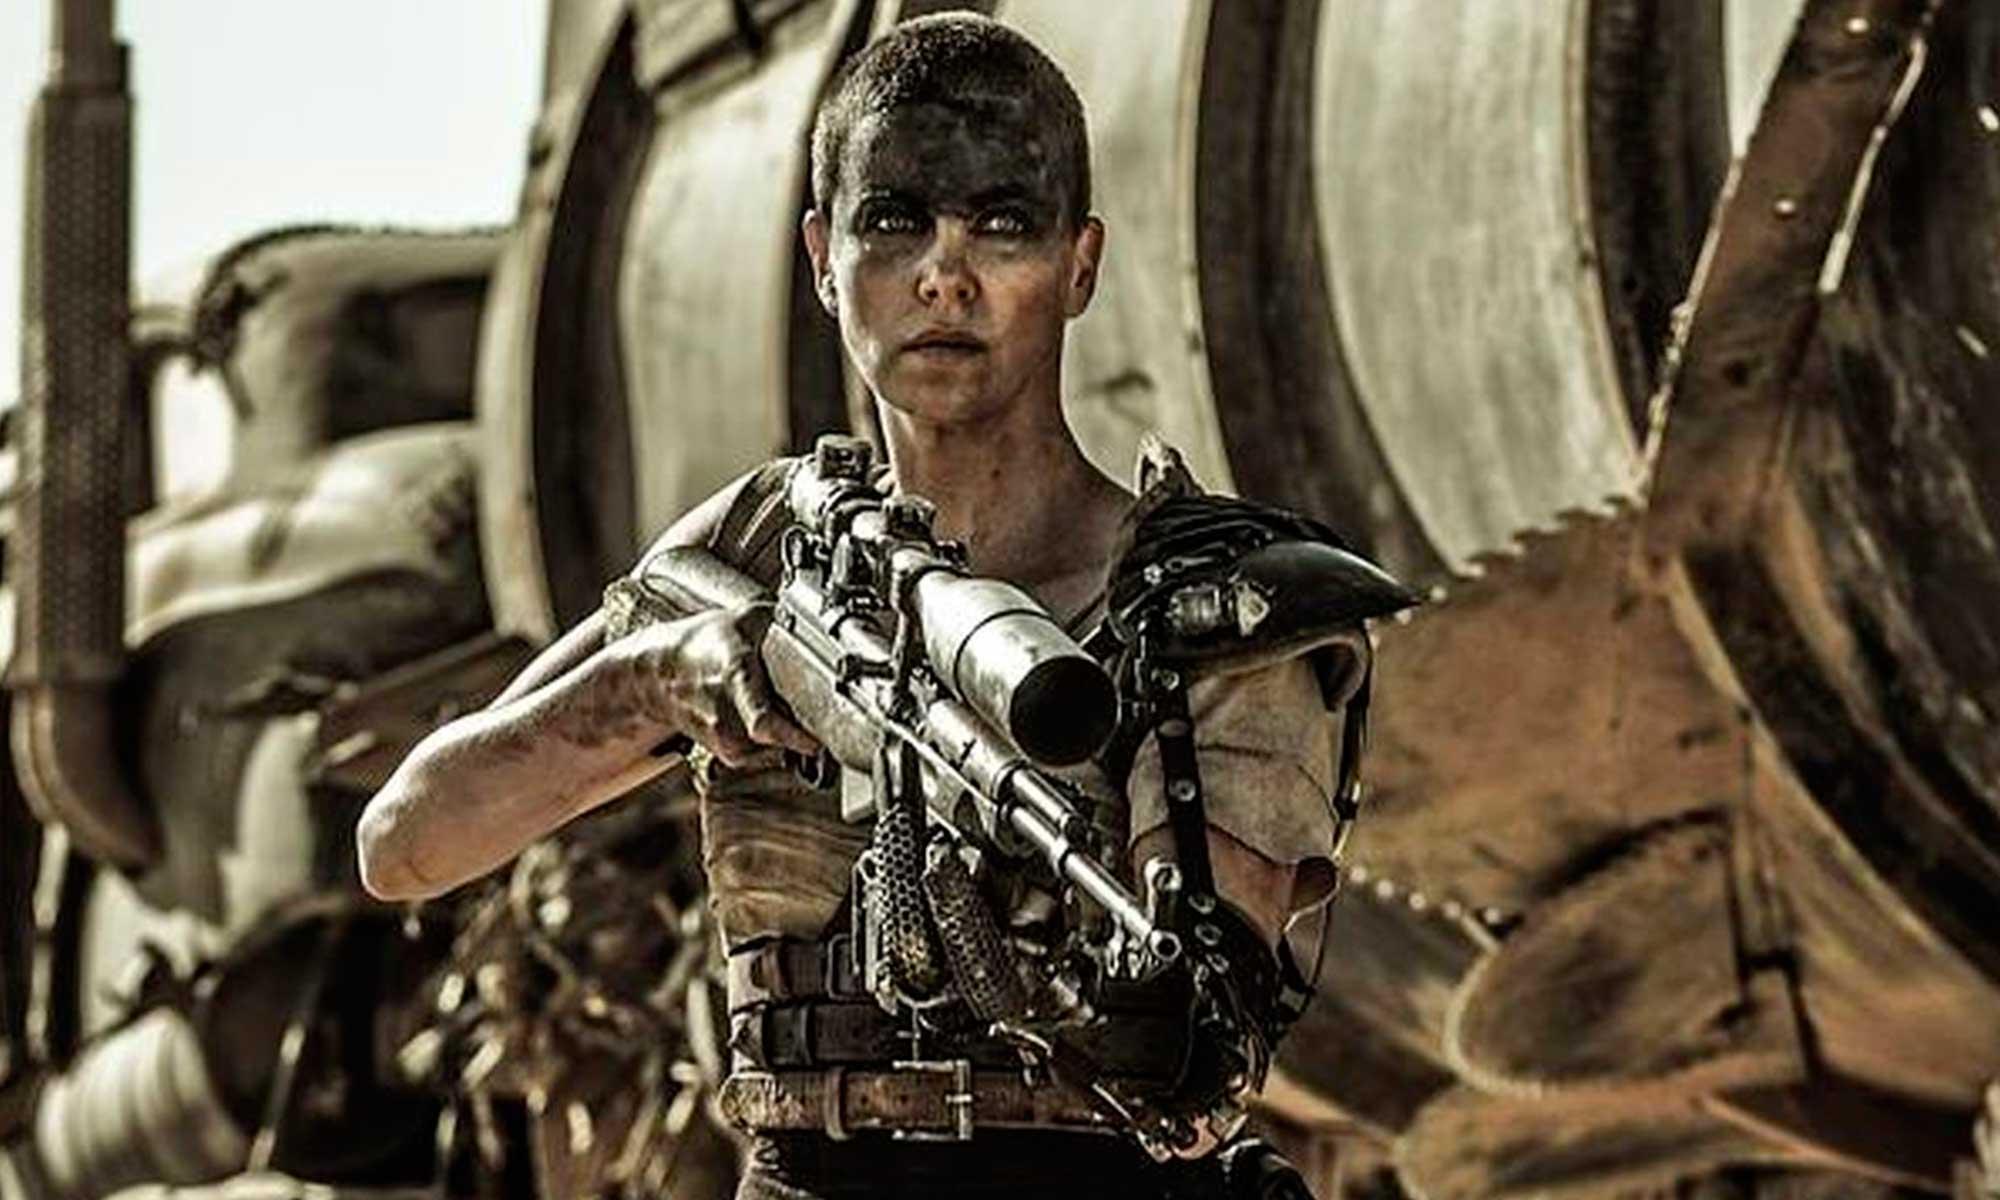 La oscarizada Charlize Theron reacciona a Furiosa, precuela de Mad Max que no protagonizará